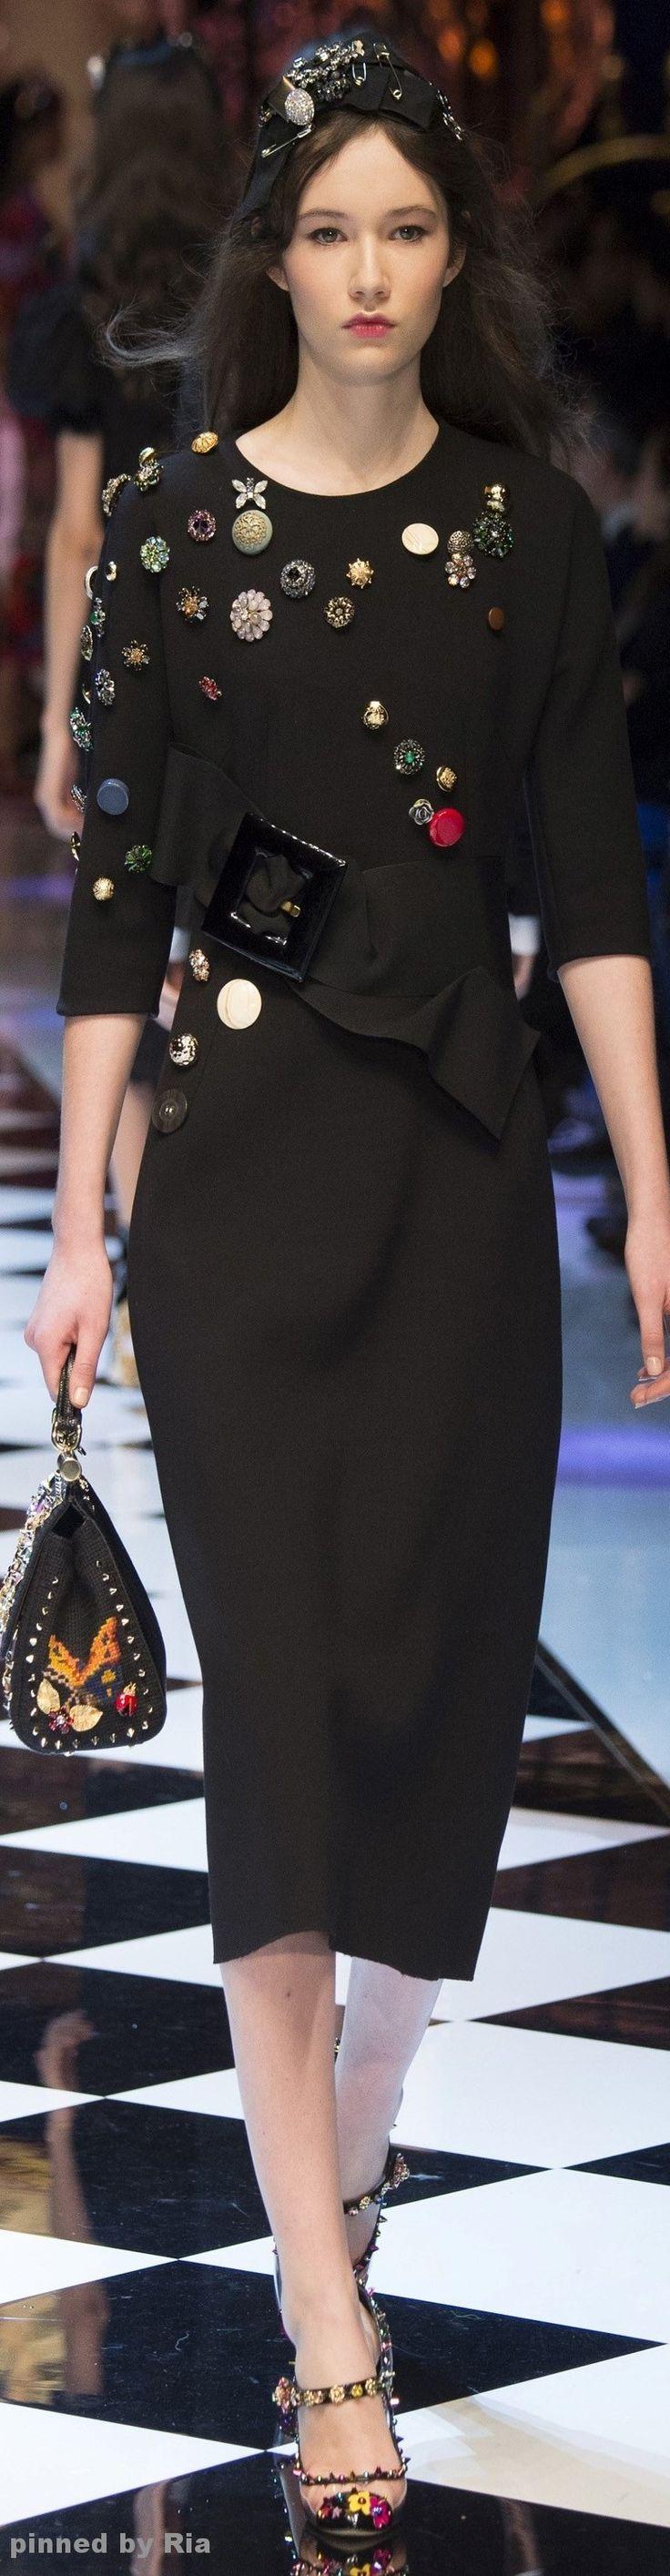 Dolce & Gabbana mostra uma possibilidade de transformar o seu vestido preto aplicando-lhe botões de fantasia.